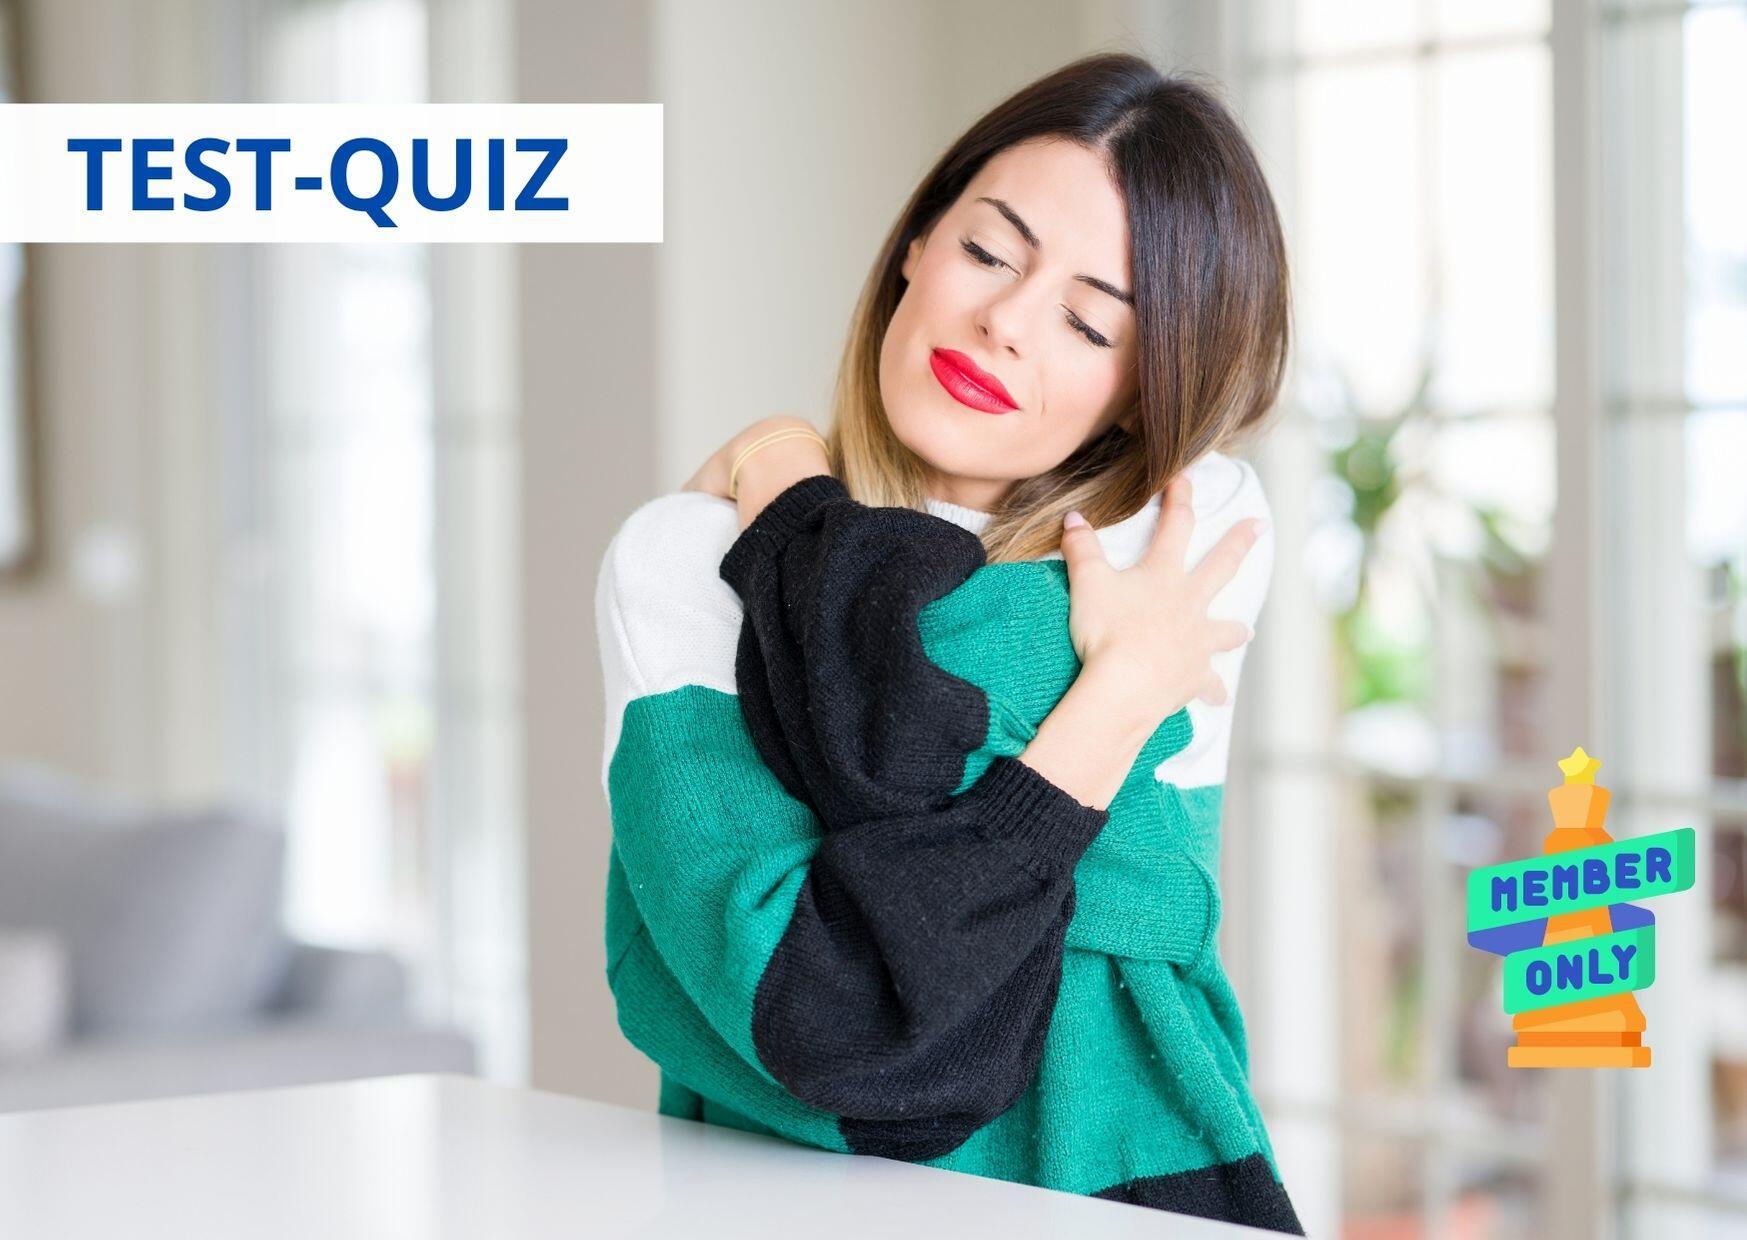 QUIZ Auto-aiuto- quanto ti vuoi bene (self-care test)